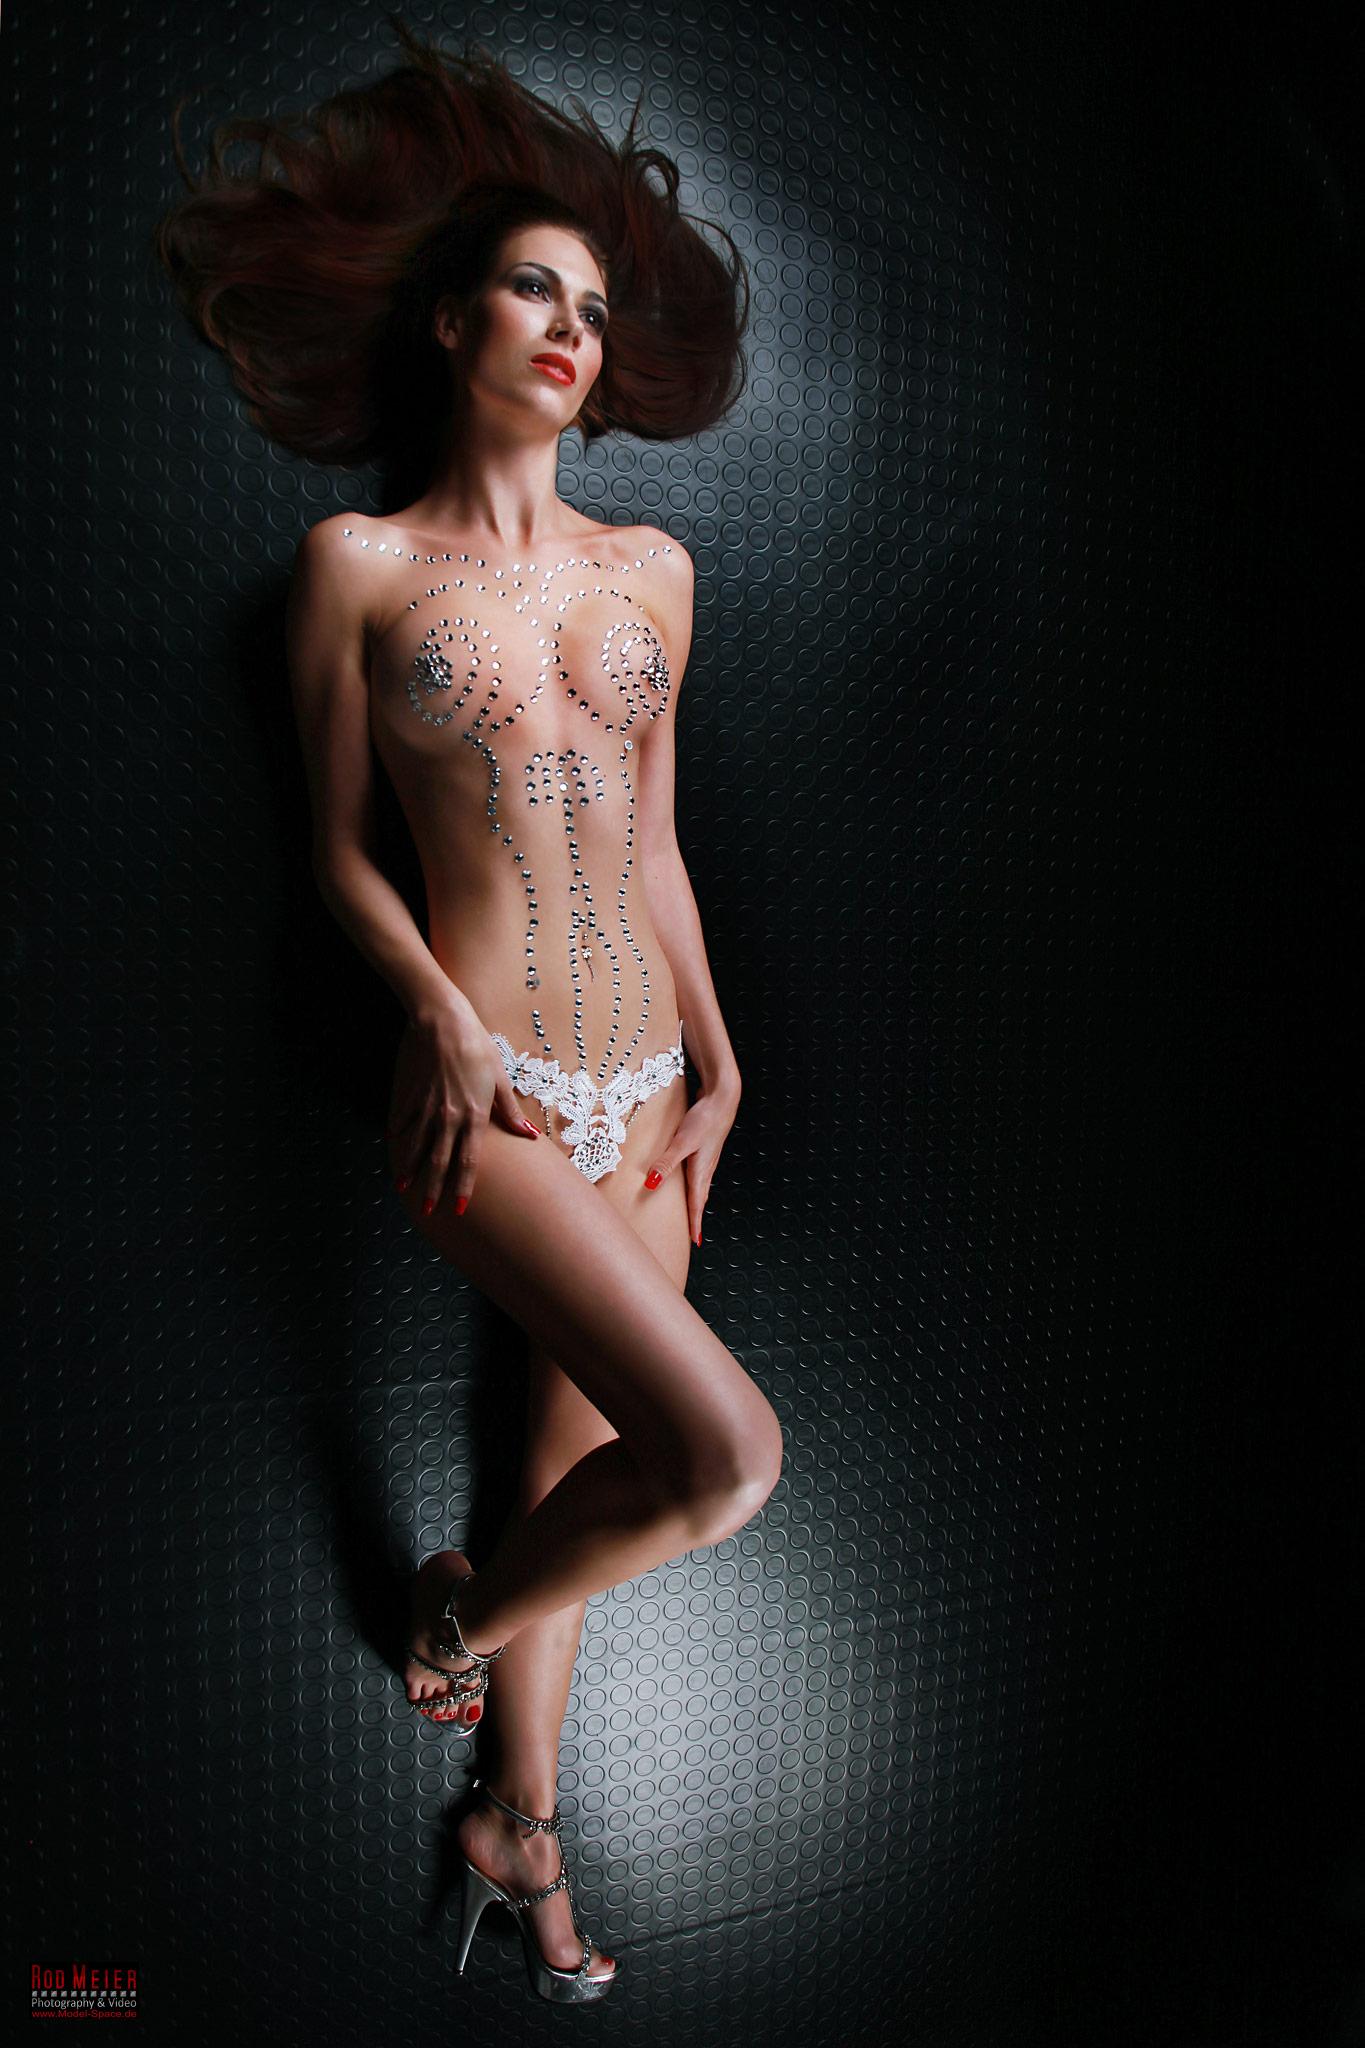 unterleibsschmerzen nach dem sex bordell preise